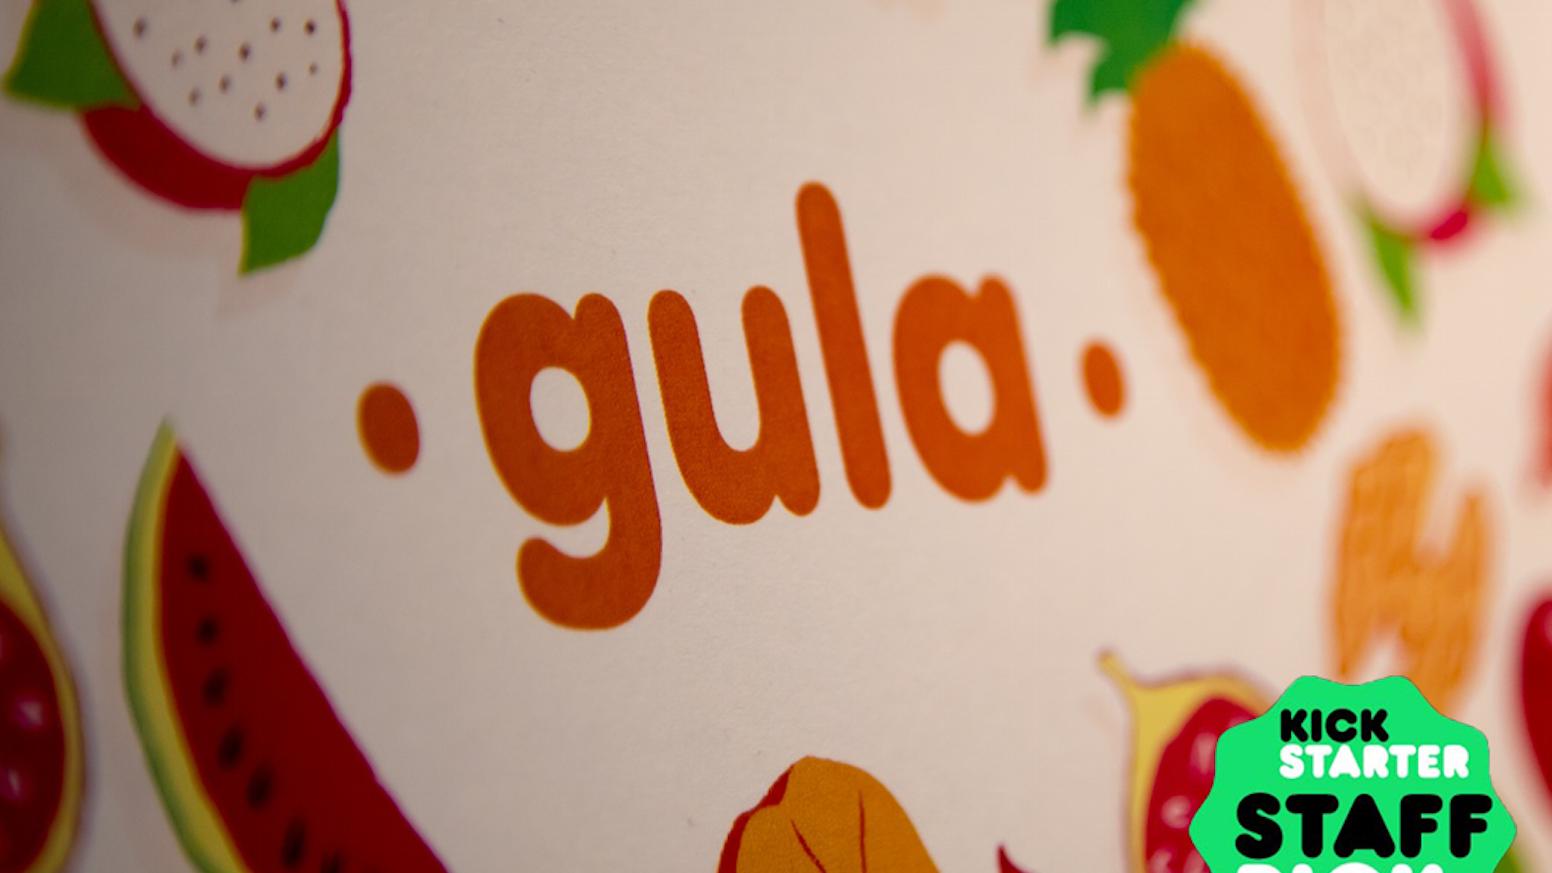 Le Goûter 2.0 - Gula va révolutionner votre pause gourmande avec chaque semaine, un coffret personnalisé, rempli de produits sains, gourmands et naturels, livré directement dans votre boîte aux lettres !